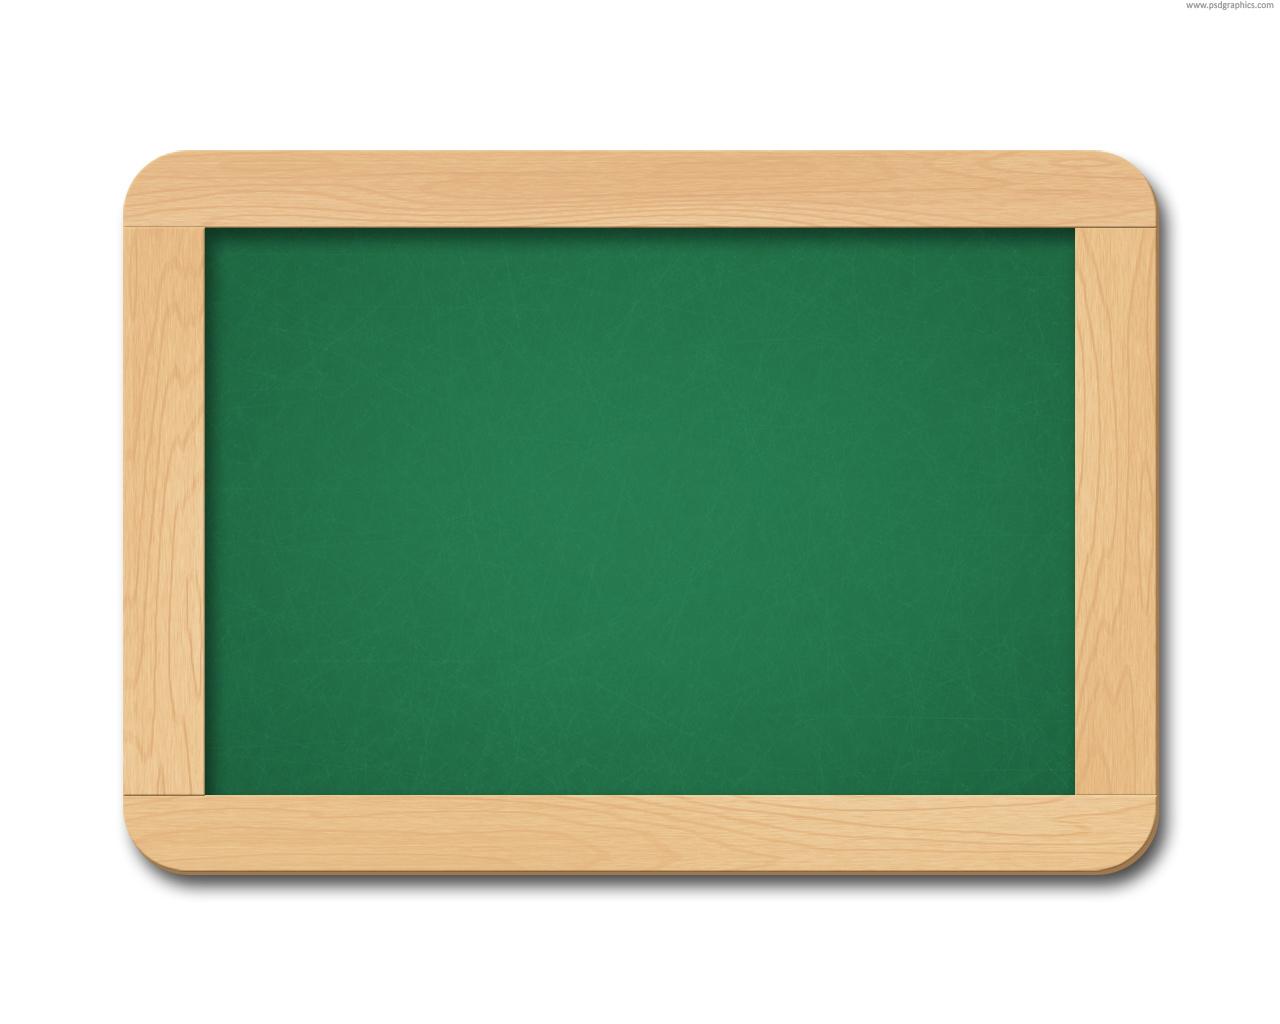 Chalkboard Clip Art - ClipArt Best